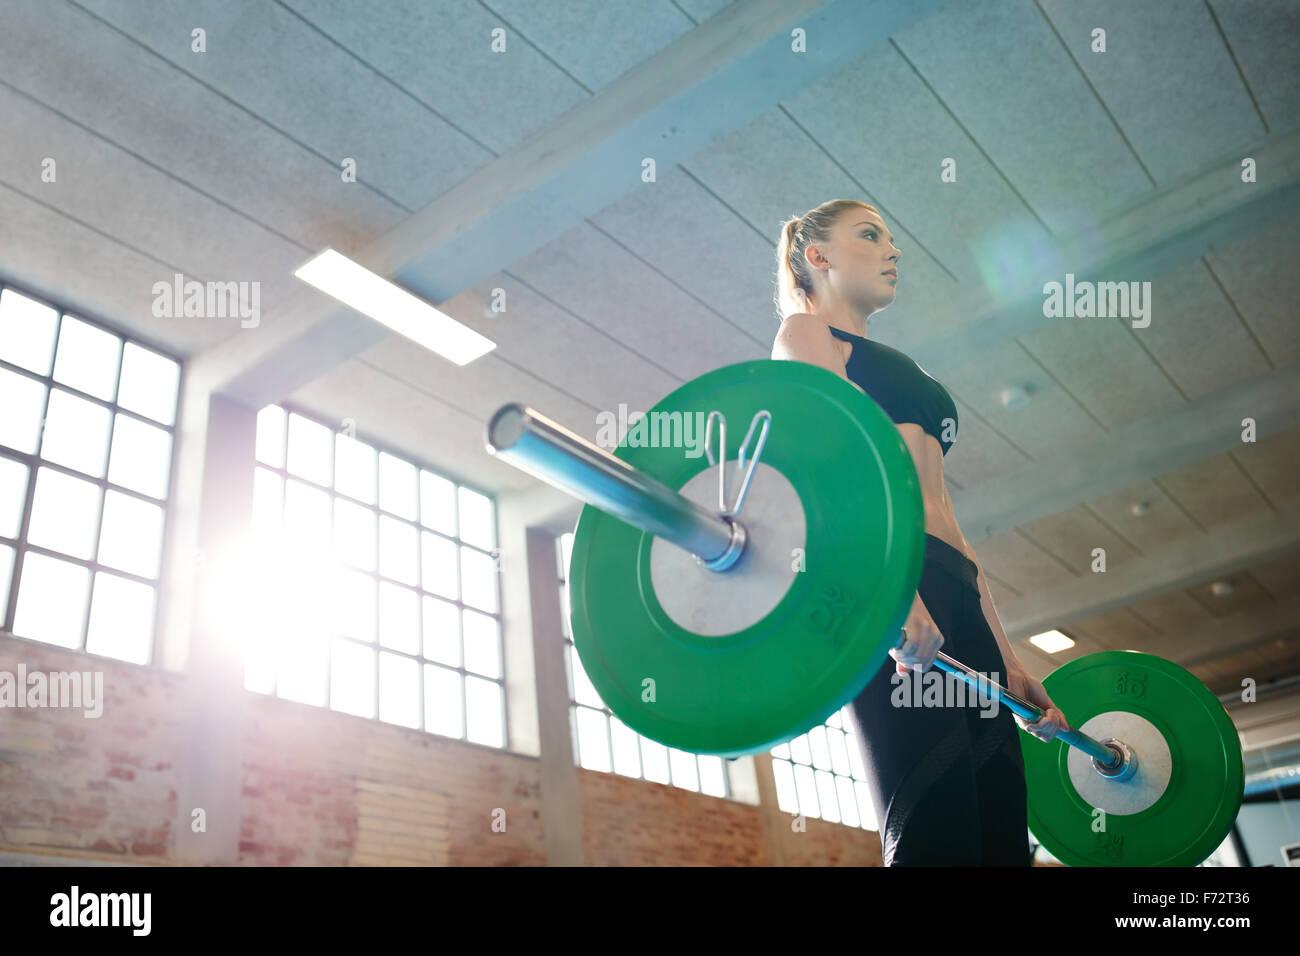 Fitness-Frau Praxis Kreuzheben mit schweren Gewichten im Fitnessstudio wird vorbereitet. Weiblich, schweres Gewichtheben Stockbild